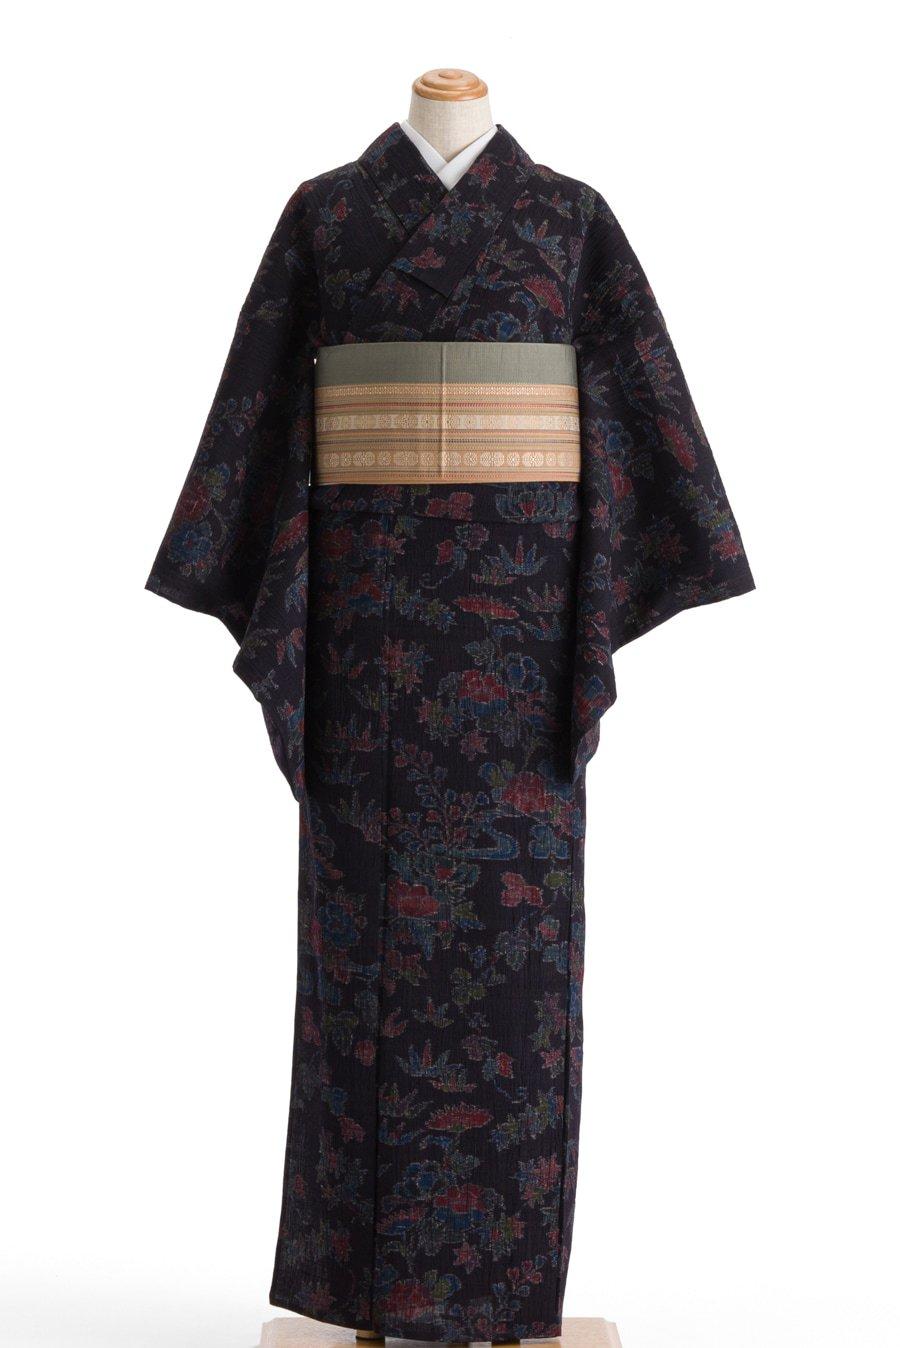 「単衣 紬 牡丹や笹など」の商品画像